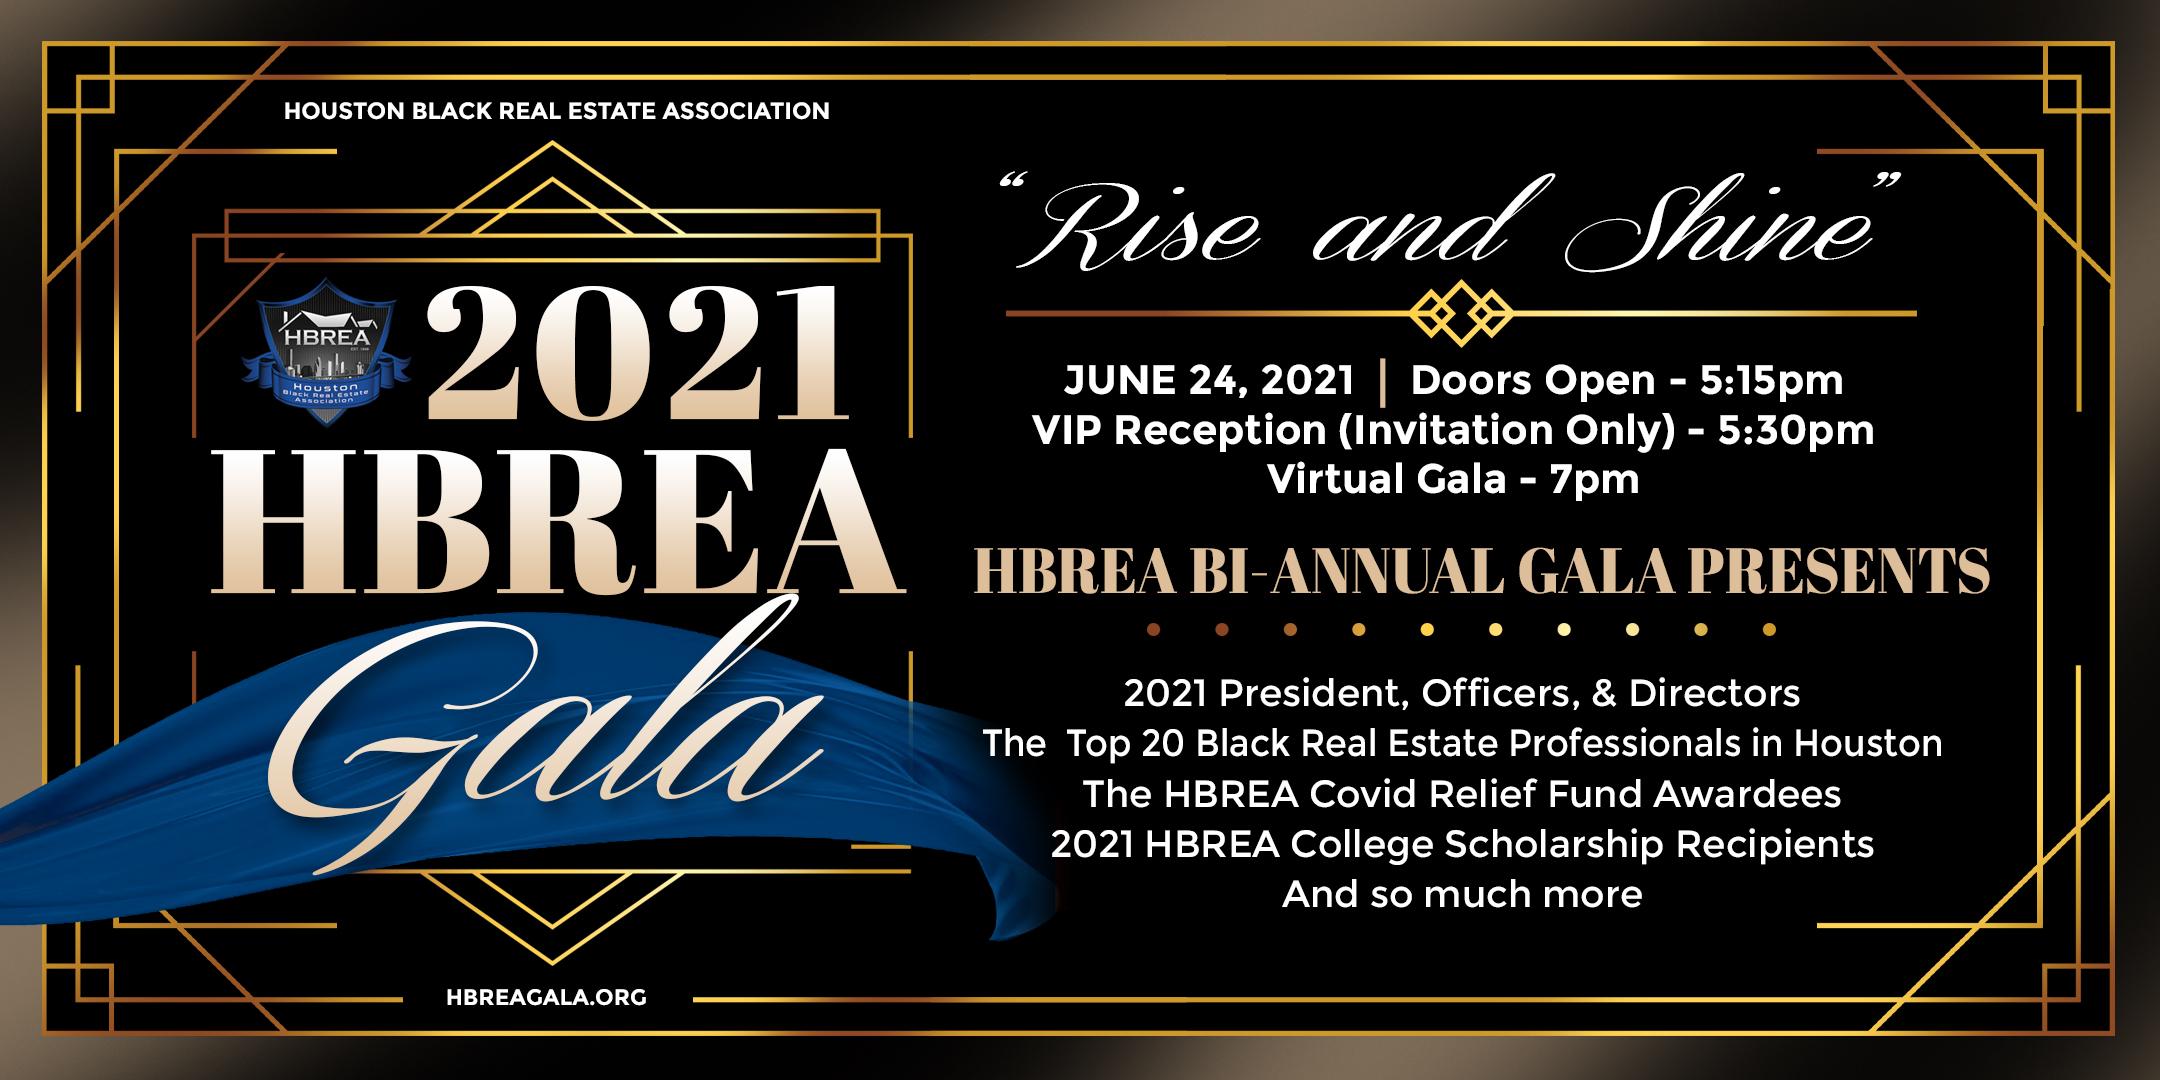 2021 HBREA Gala